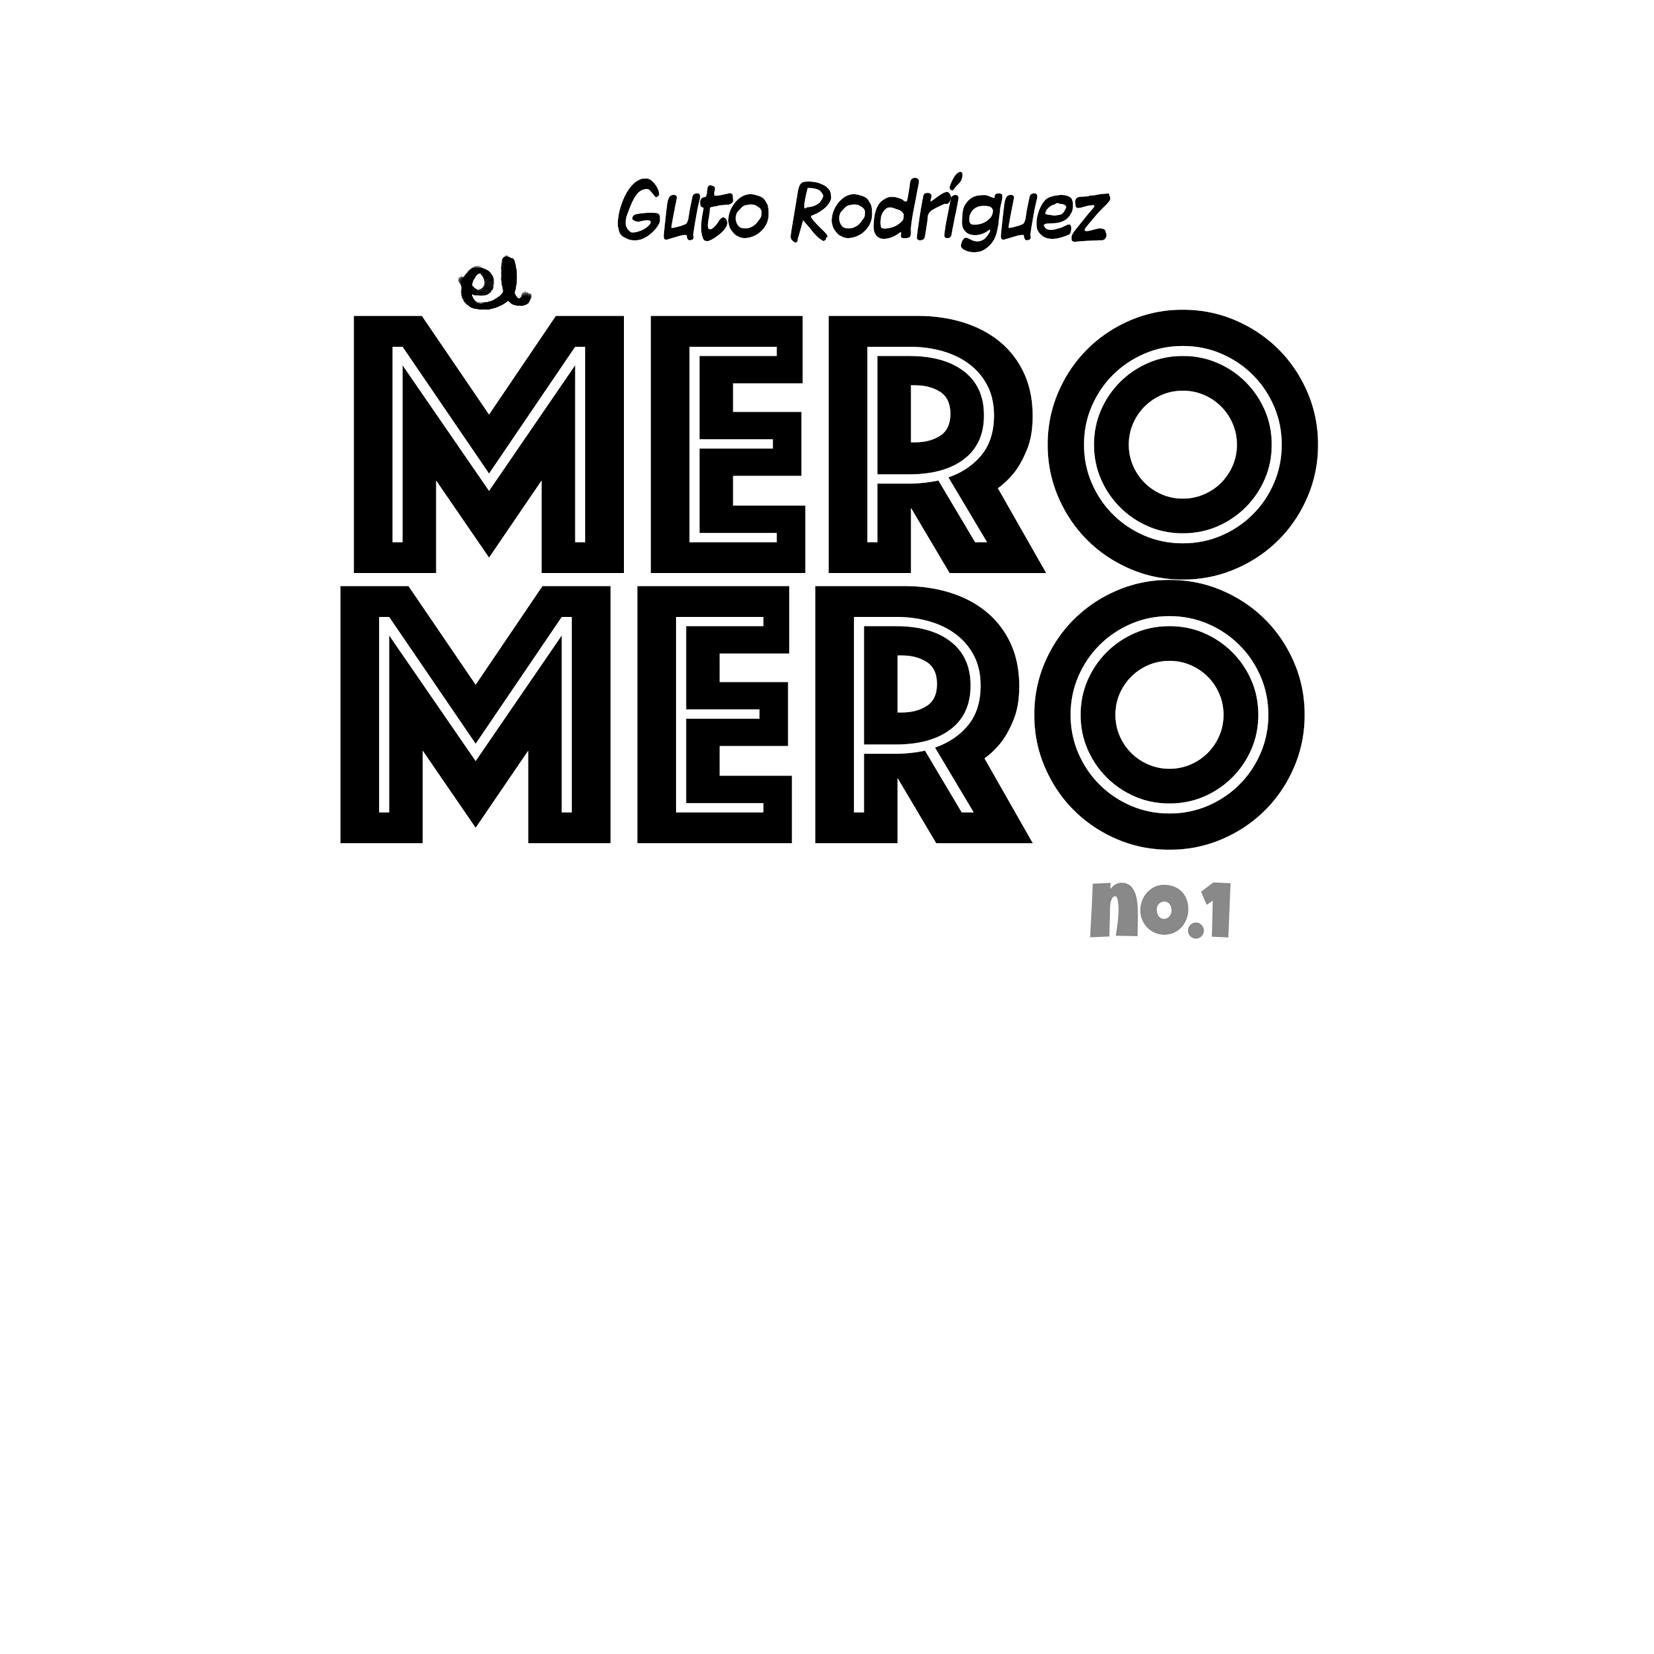 mero1